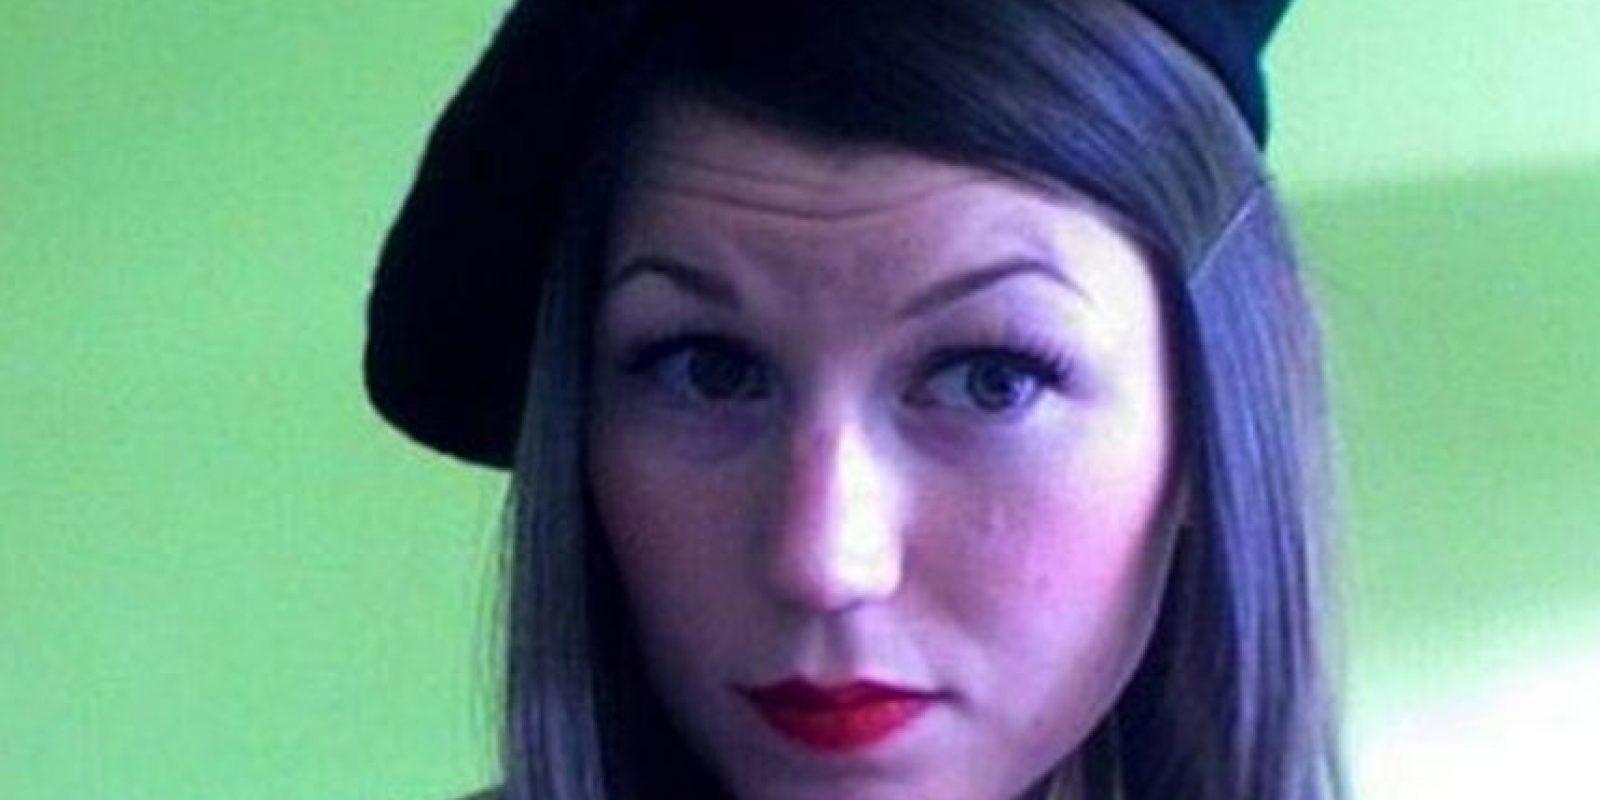 Zoë Wescott, residentes de Los Ángeles, California, Estados Unidos, se casó con su novio de cinco meses que conoció en la app más popular de citas del mundo: Tinder Foto:Facebook/Zoë Wescott